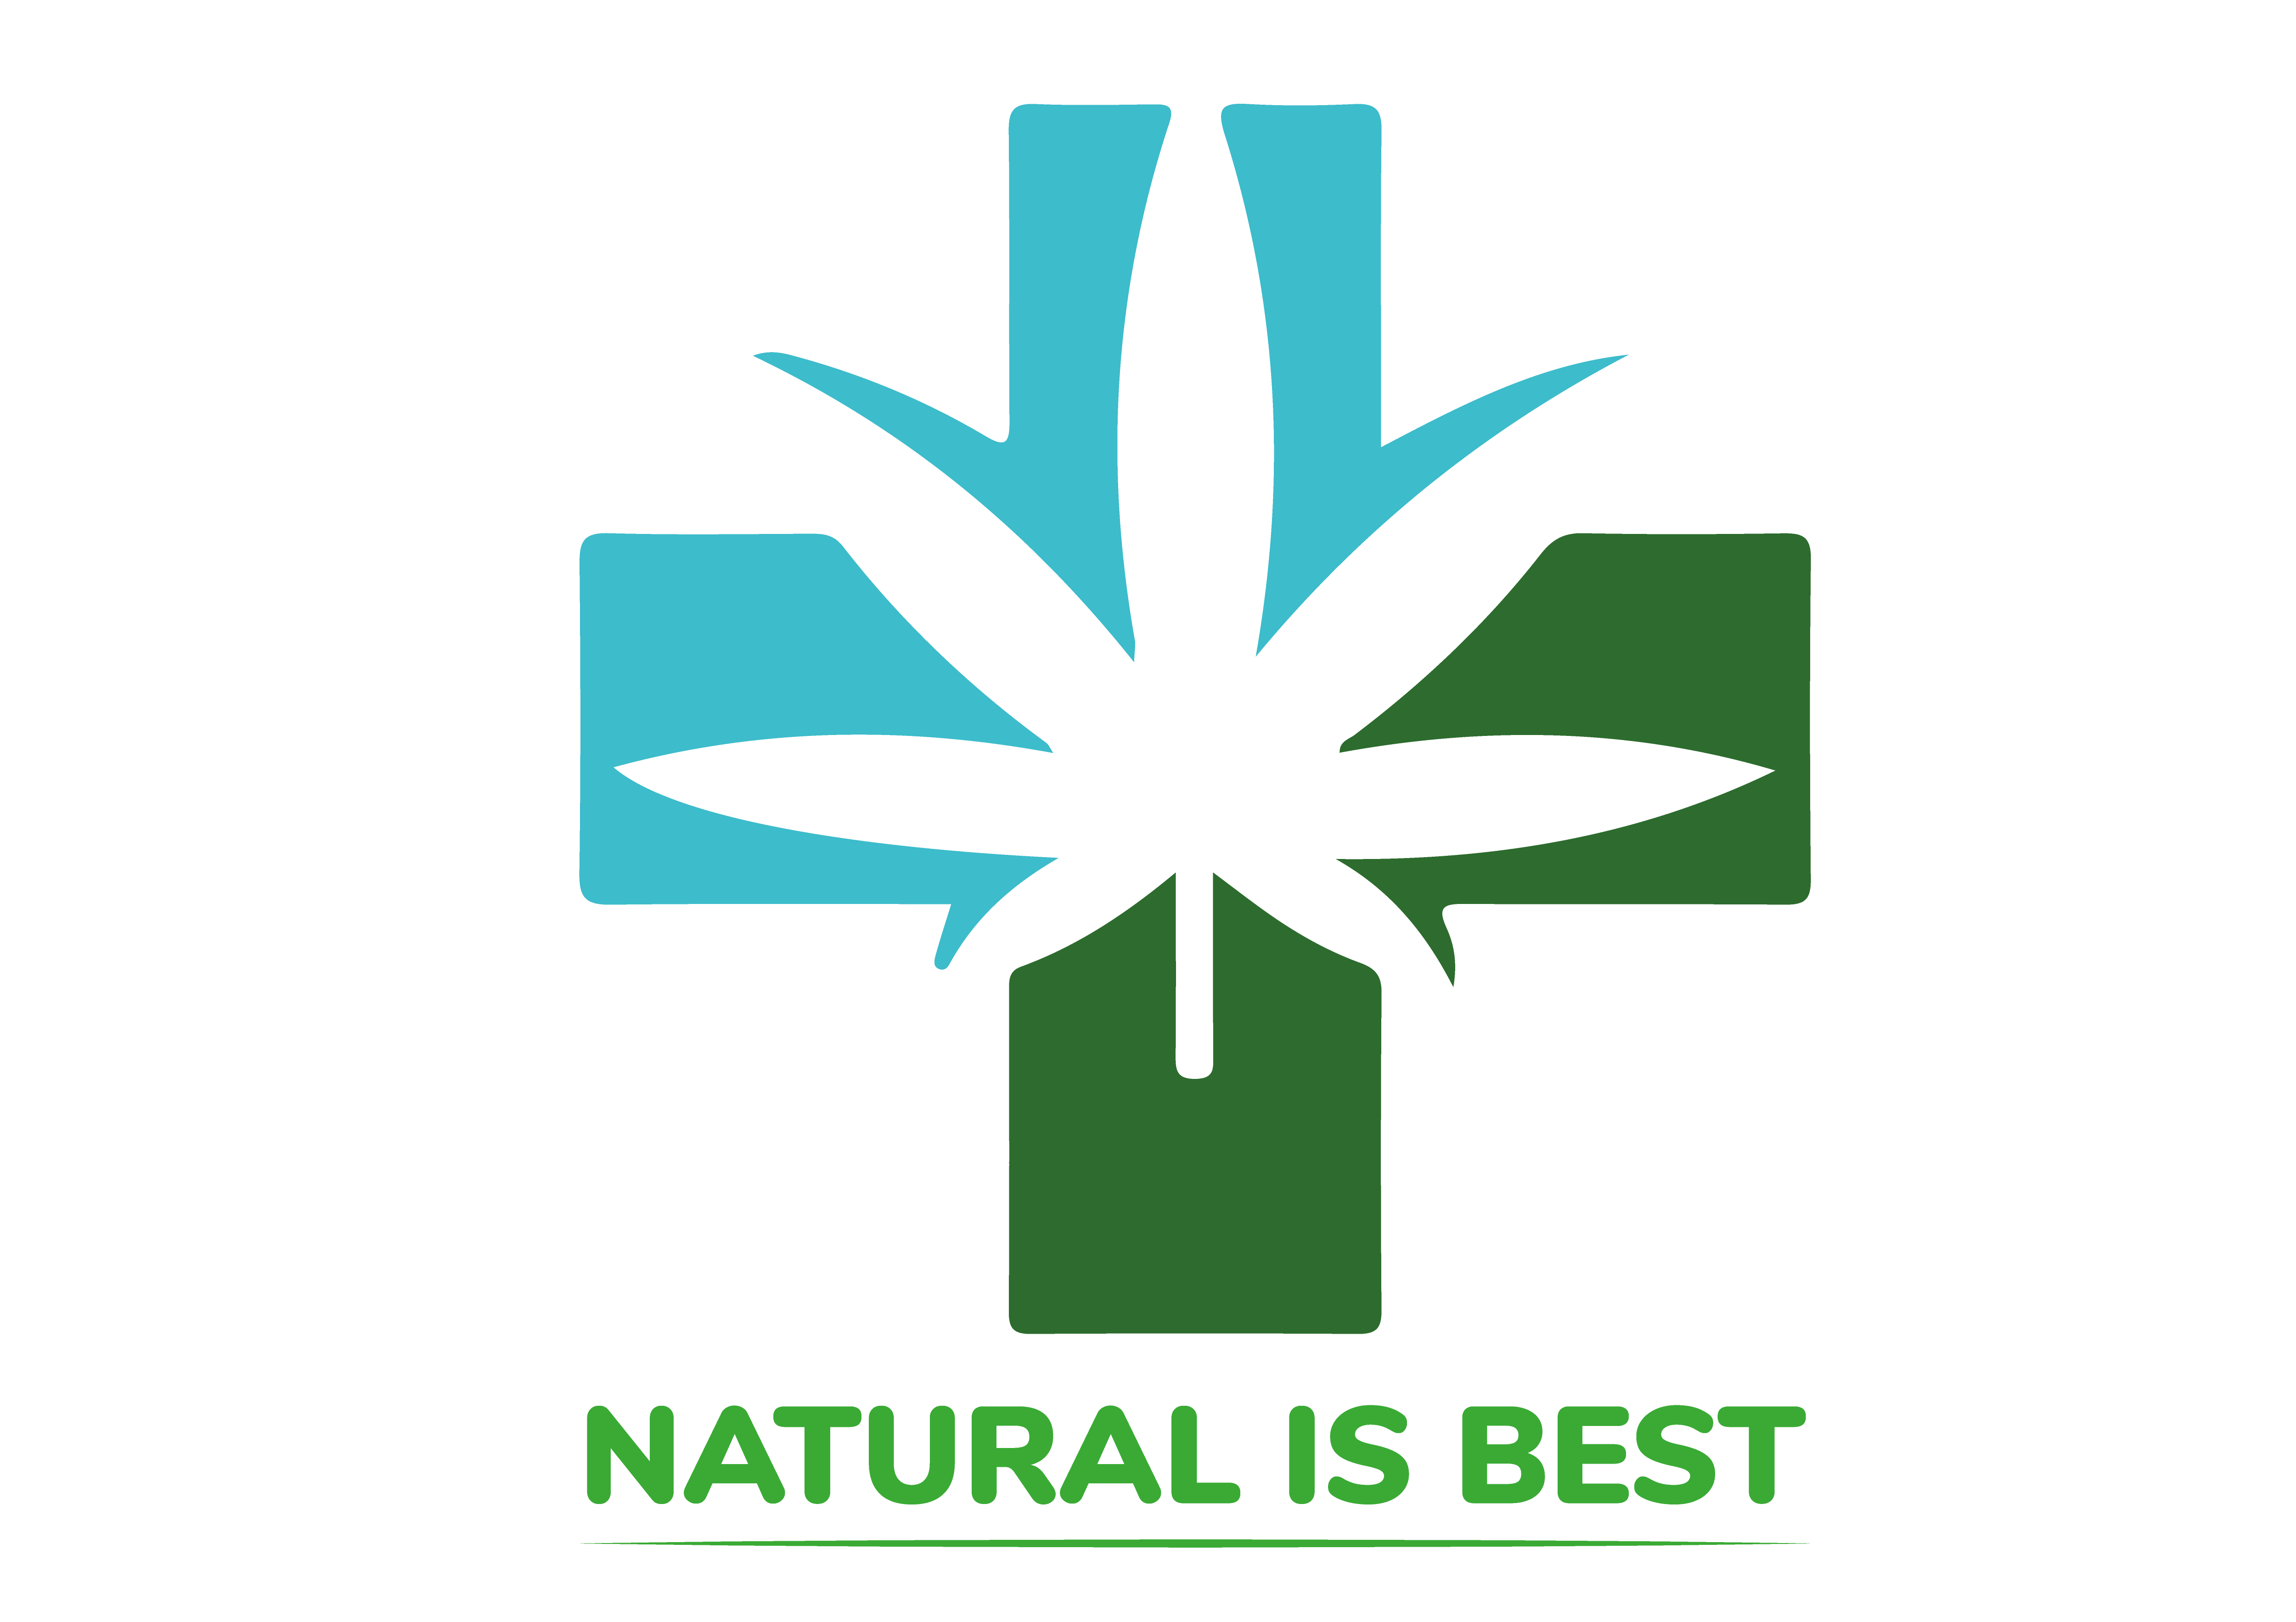 NaturalIsBestLogo.png